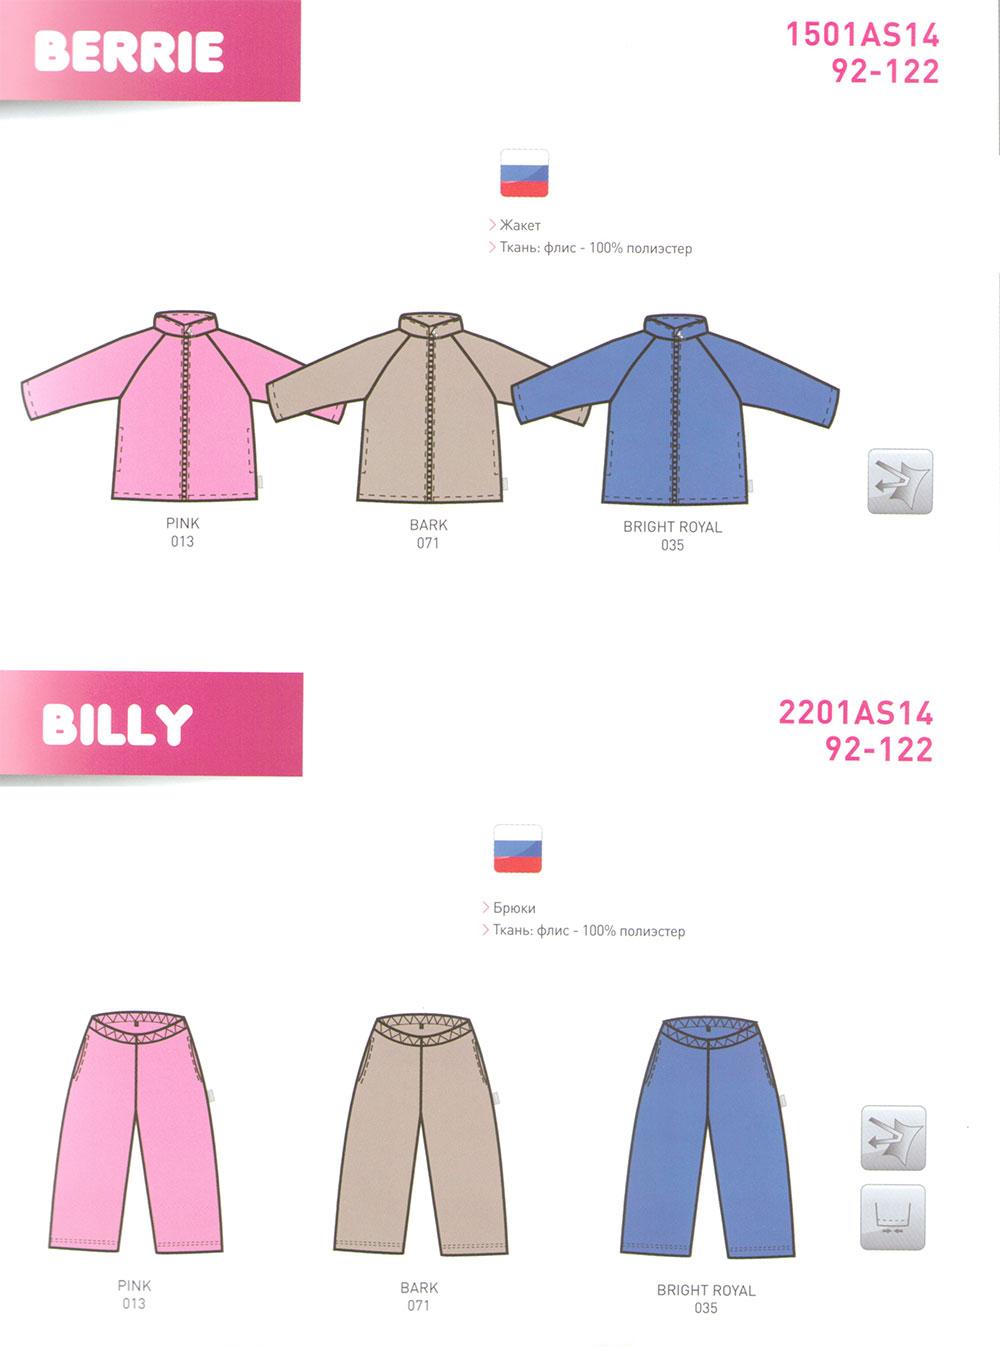 1501AS berrie_billy